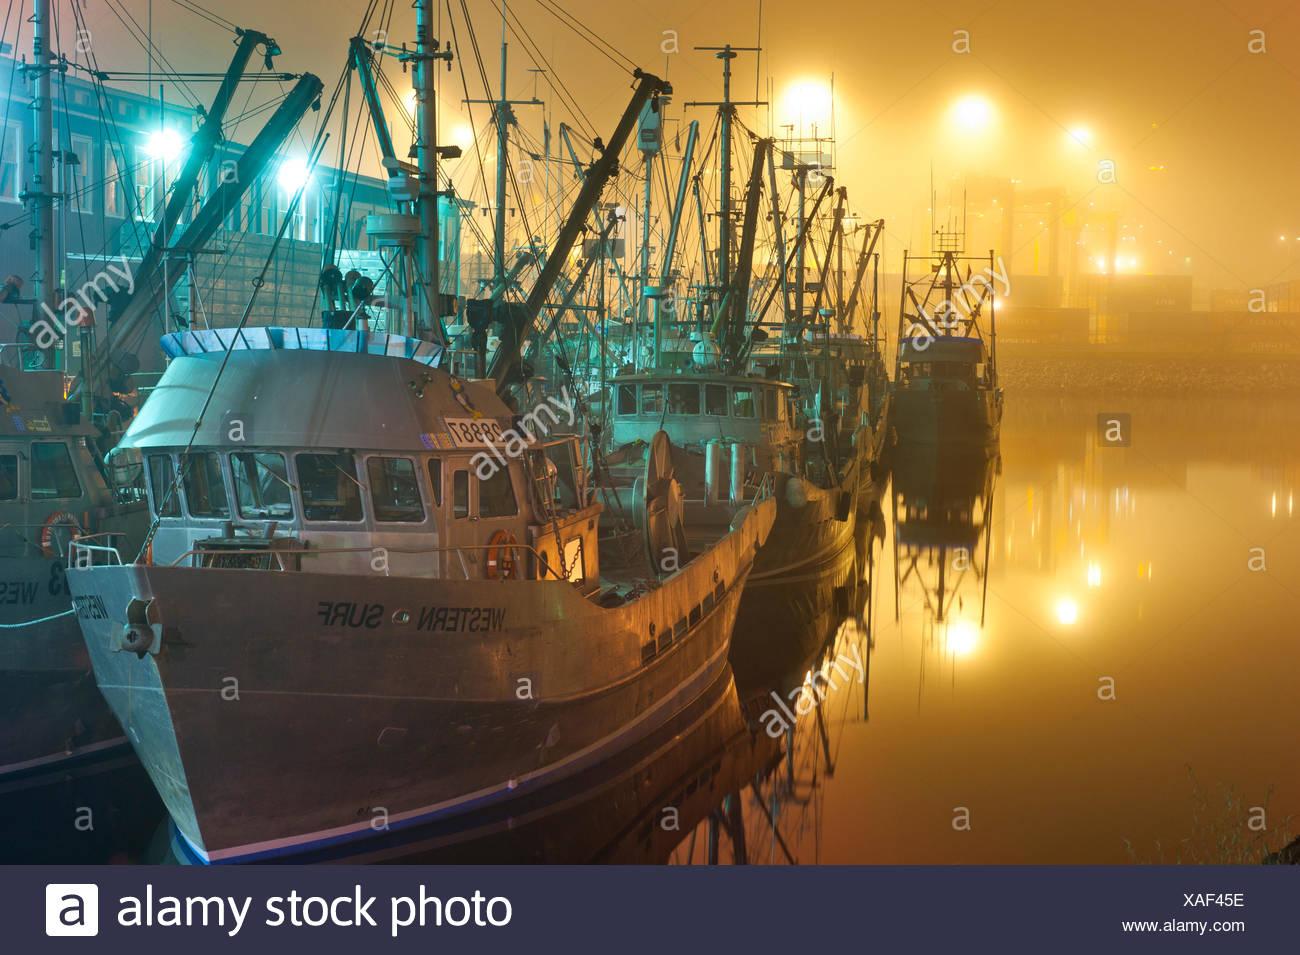 Barcos de pesca comercial en el puerto de Vancouver, British Columbia, Canadá Foto de stock